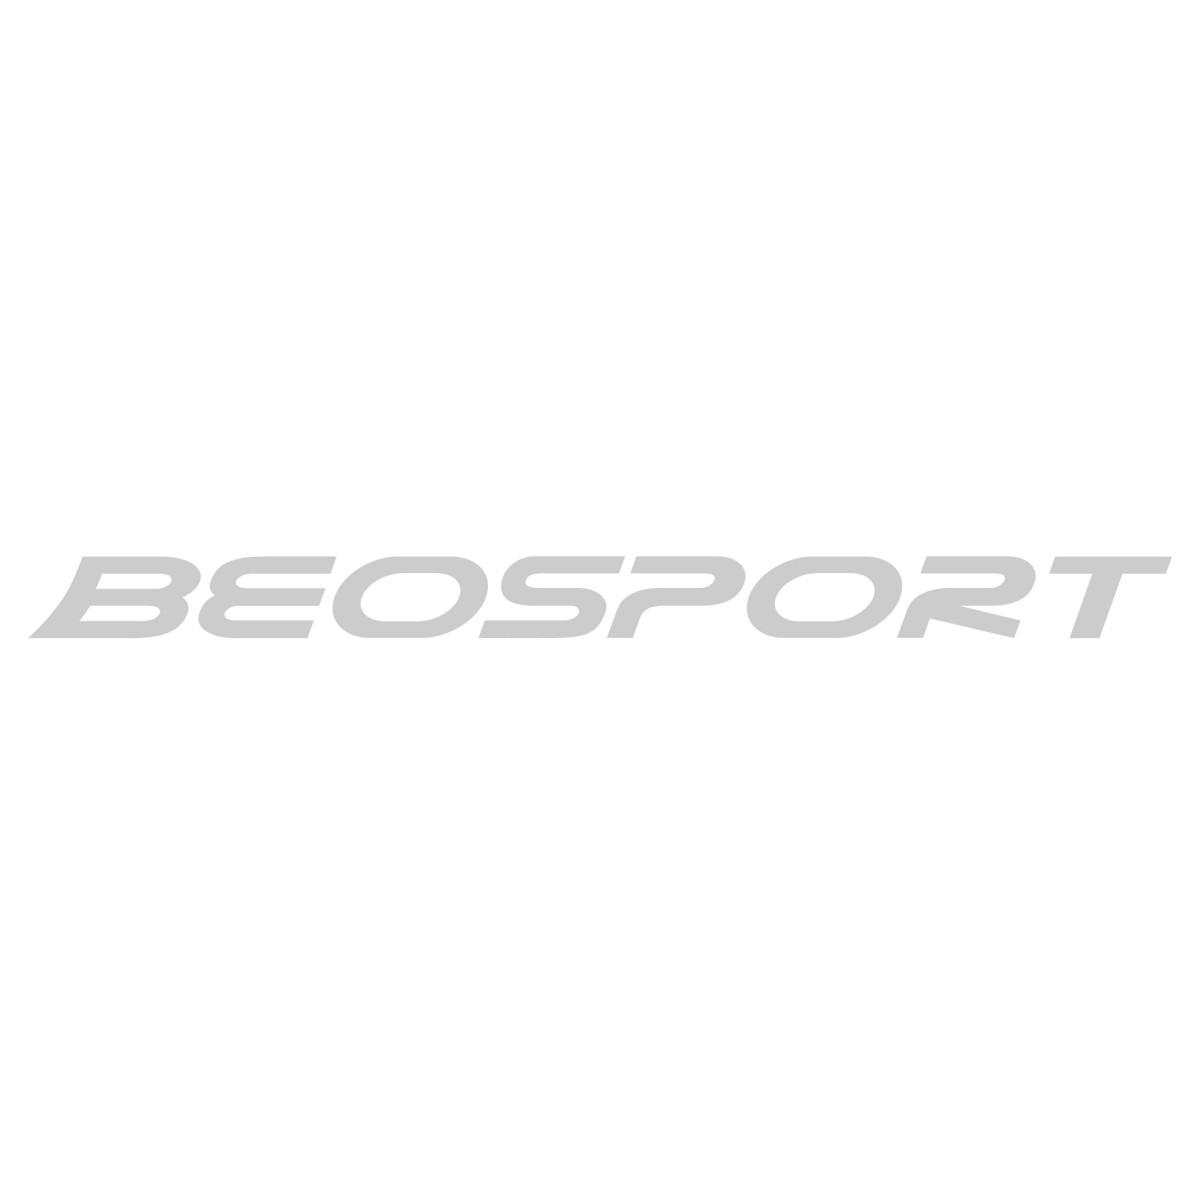 Wilson Solution Game Ball Fiba lopta za košarku